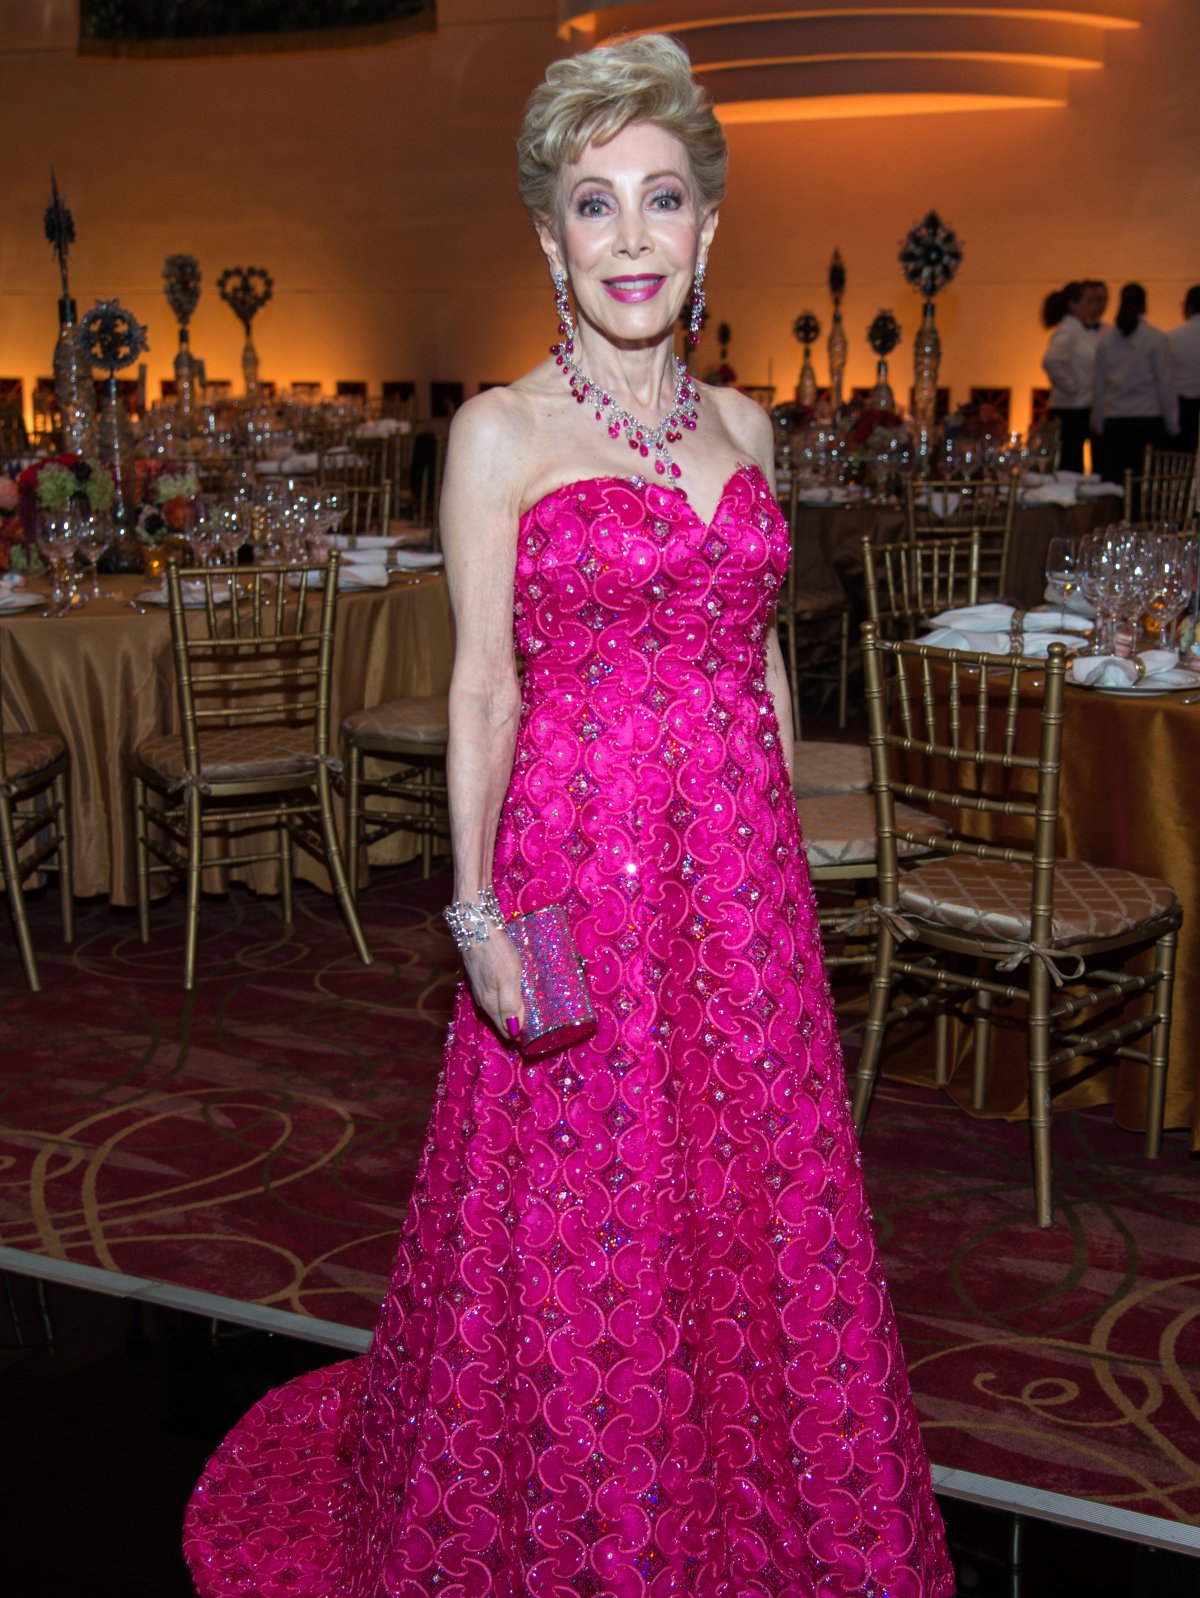 Houston, Ballet Ball gowns, Feb 2017, Margaret Alkek Williams, Ripetta